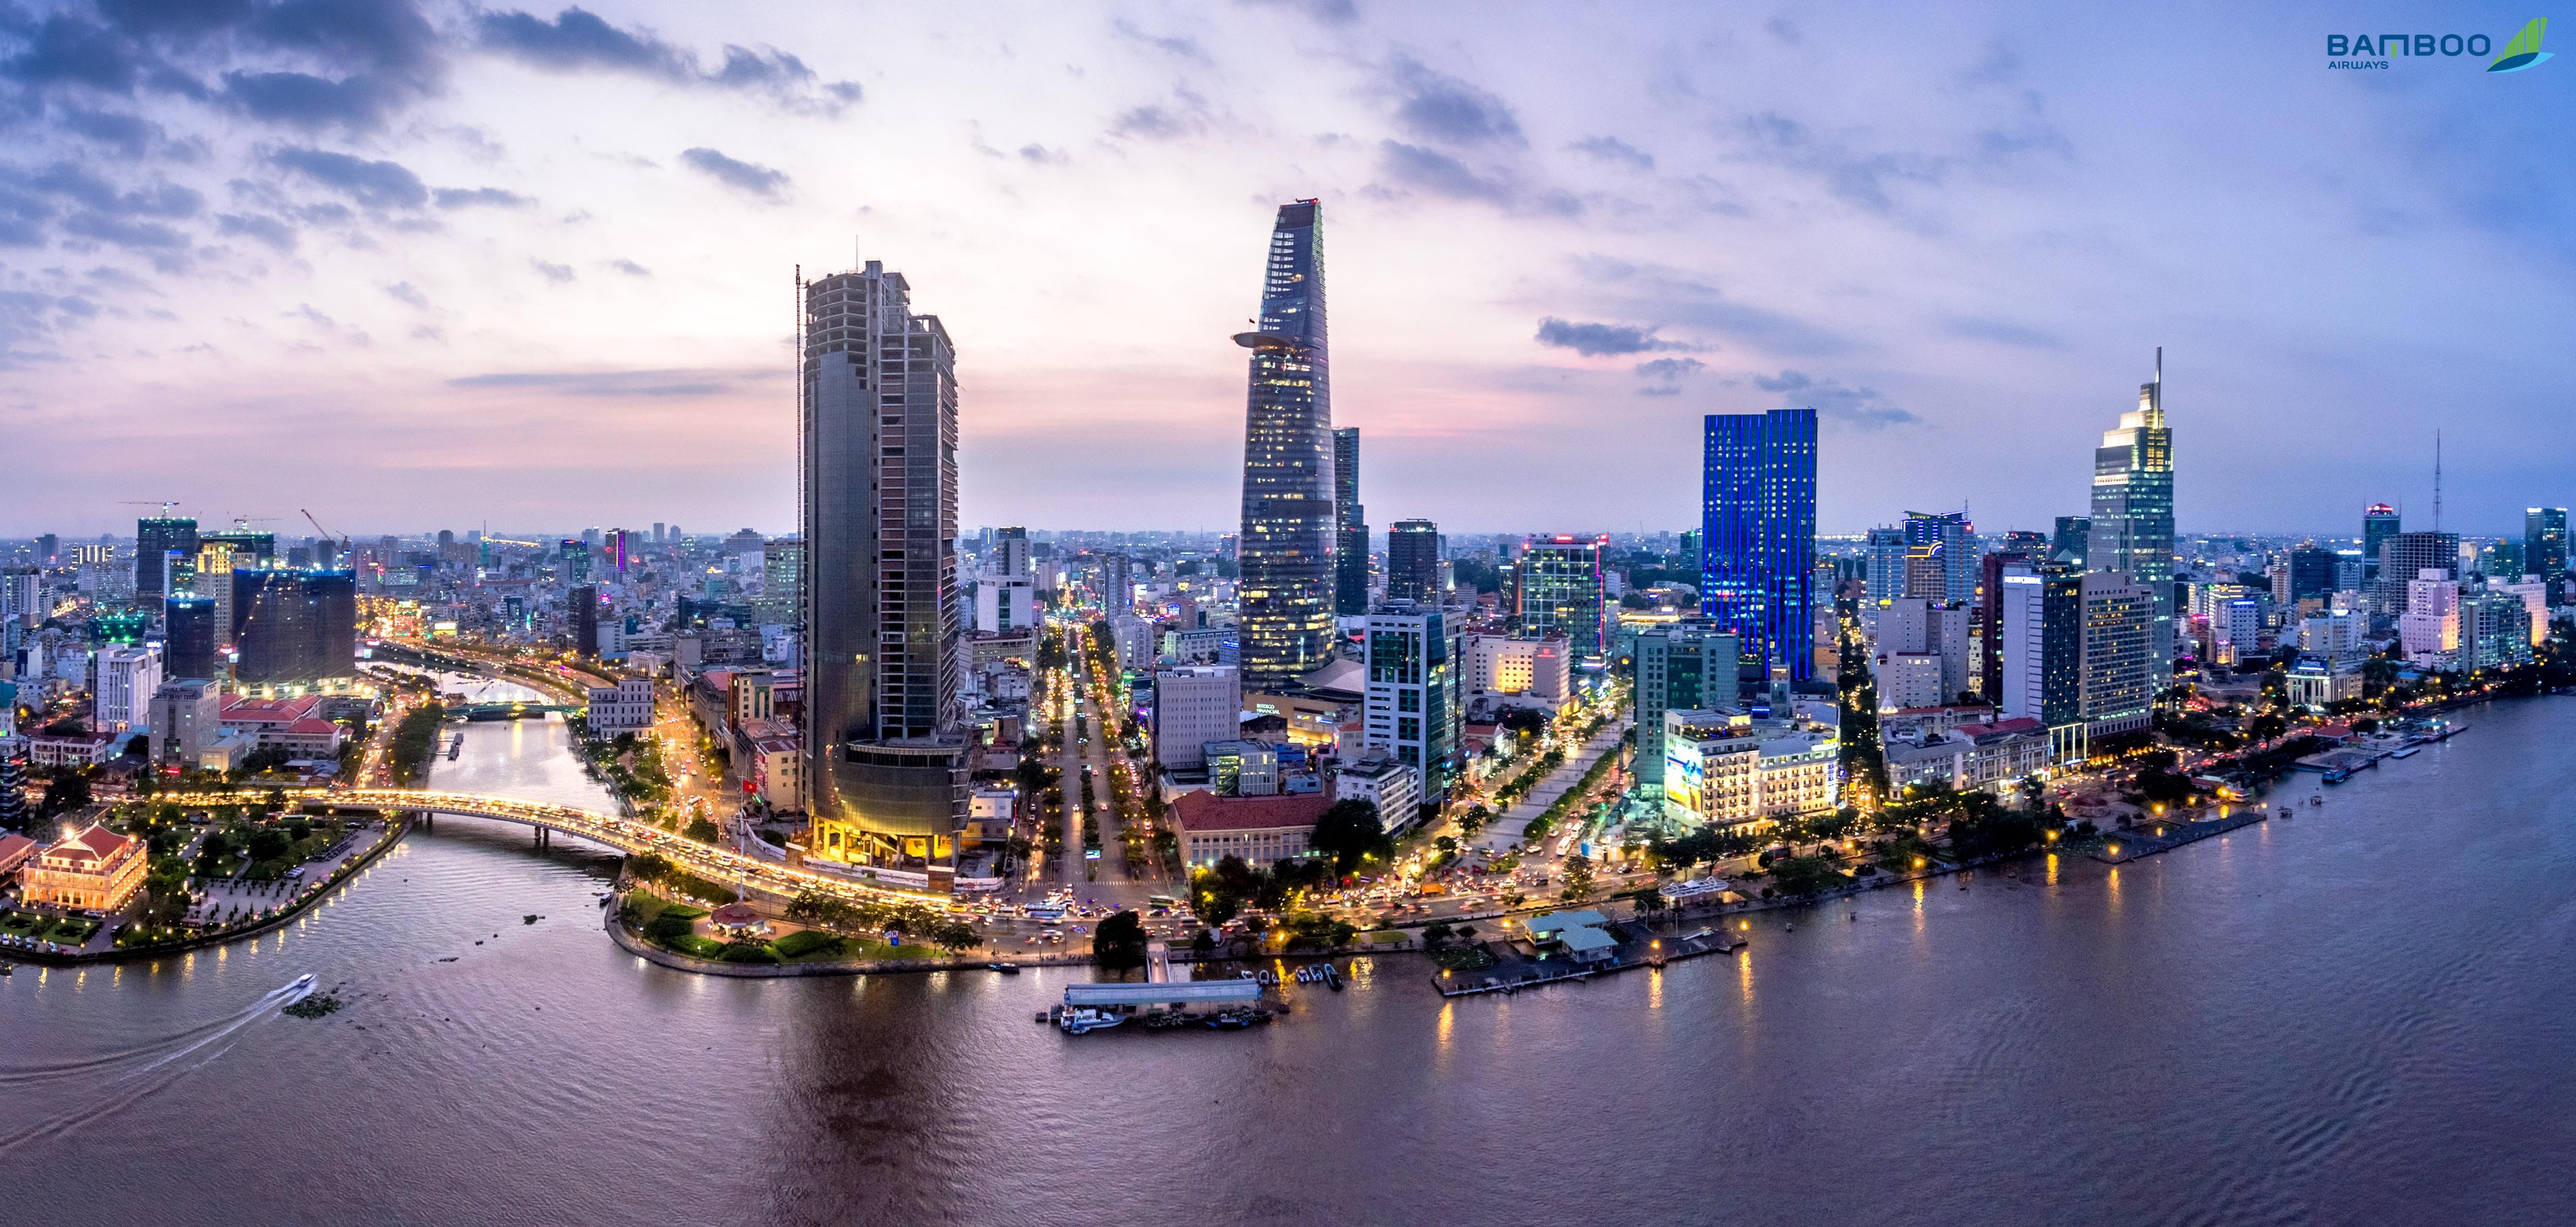 Journal chinois: Pourquoi le Vietnam reçoit-il plus d'attention des investisseurs immobiliers que la Corée du Sud et le Japon?